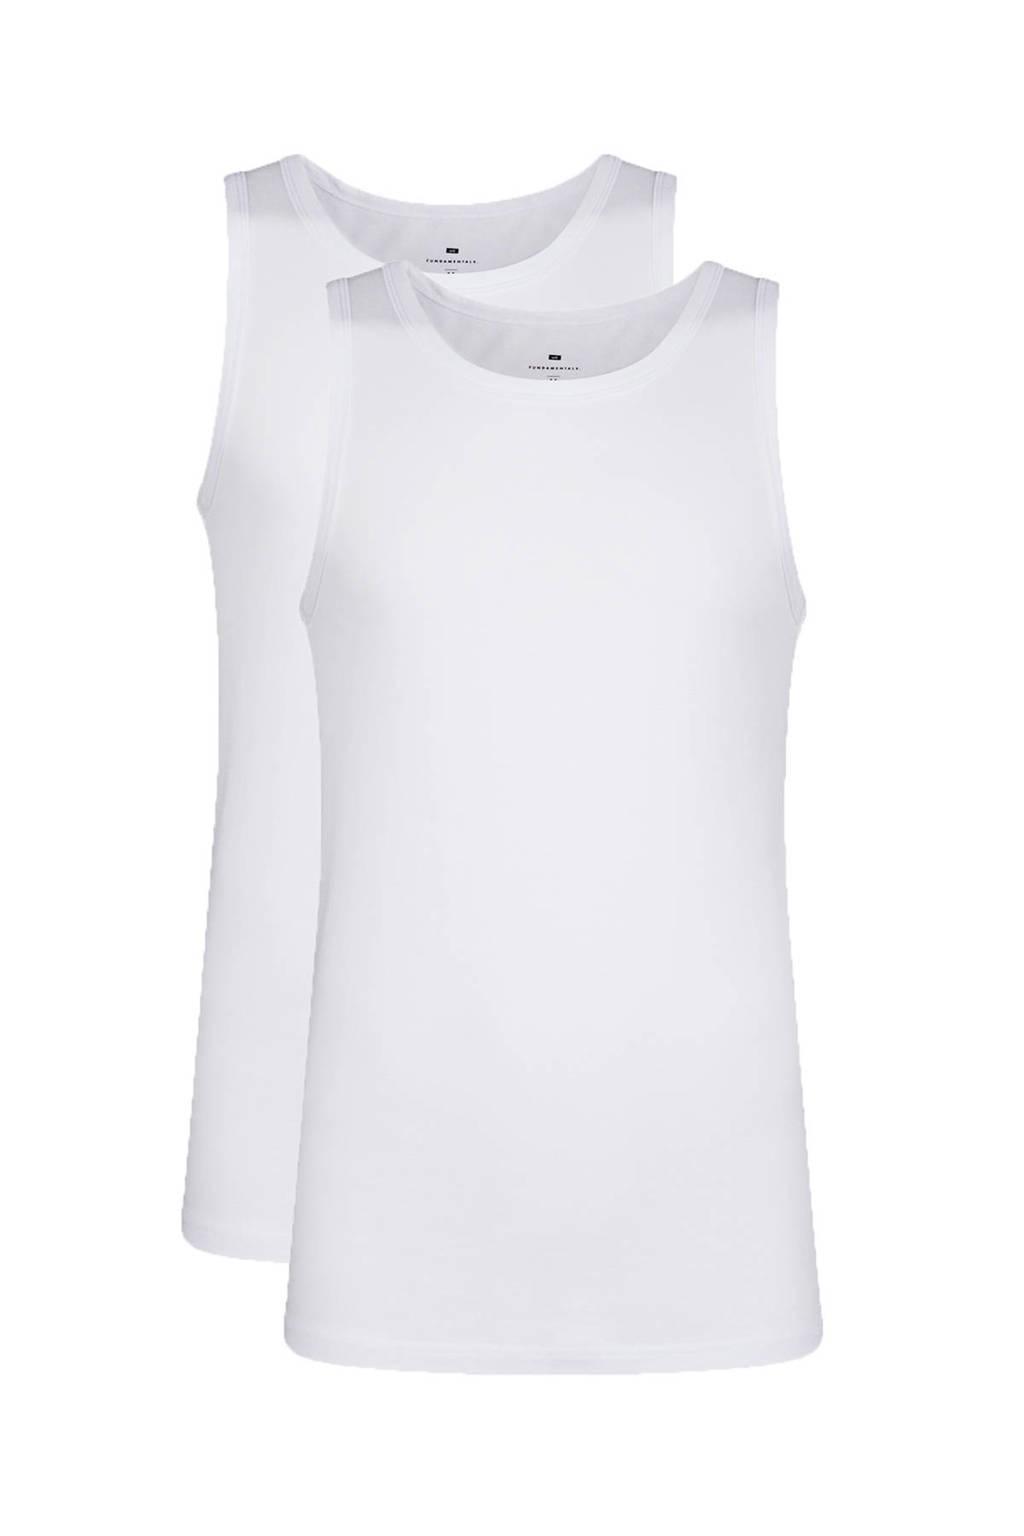 WE Fashion Fundamental hemd wit (set van 2), Wit